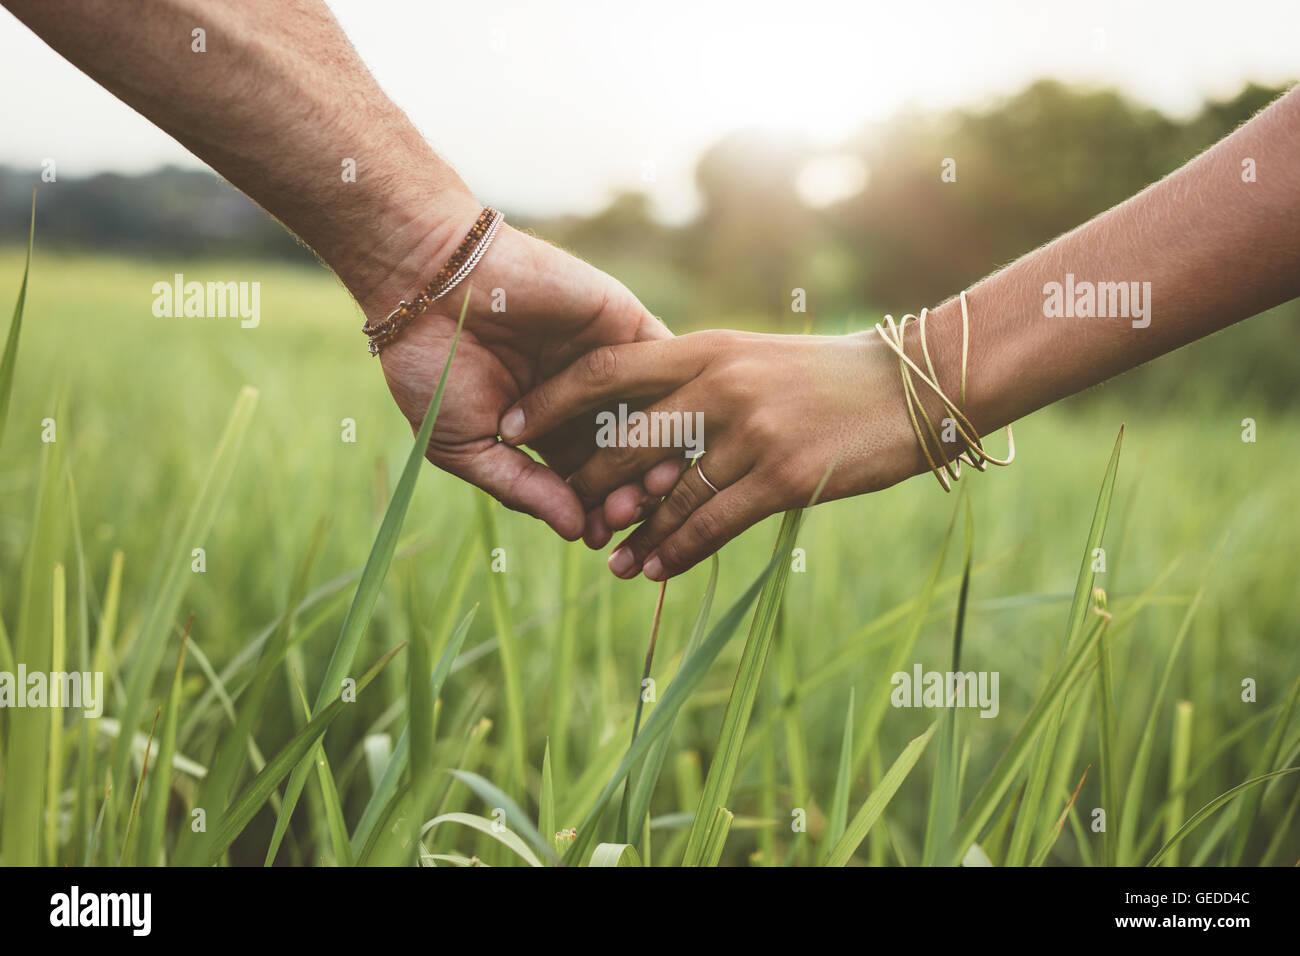 Foto de pareja romántica cogidos de la mano en un campo. Primer plano de un hombre y una mujer con la mano Imagen De Stock